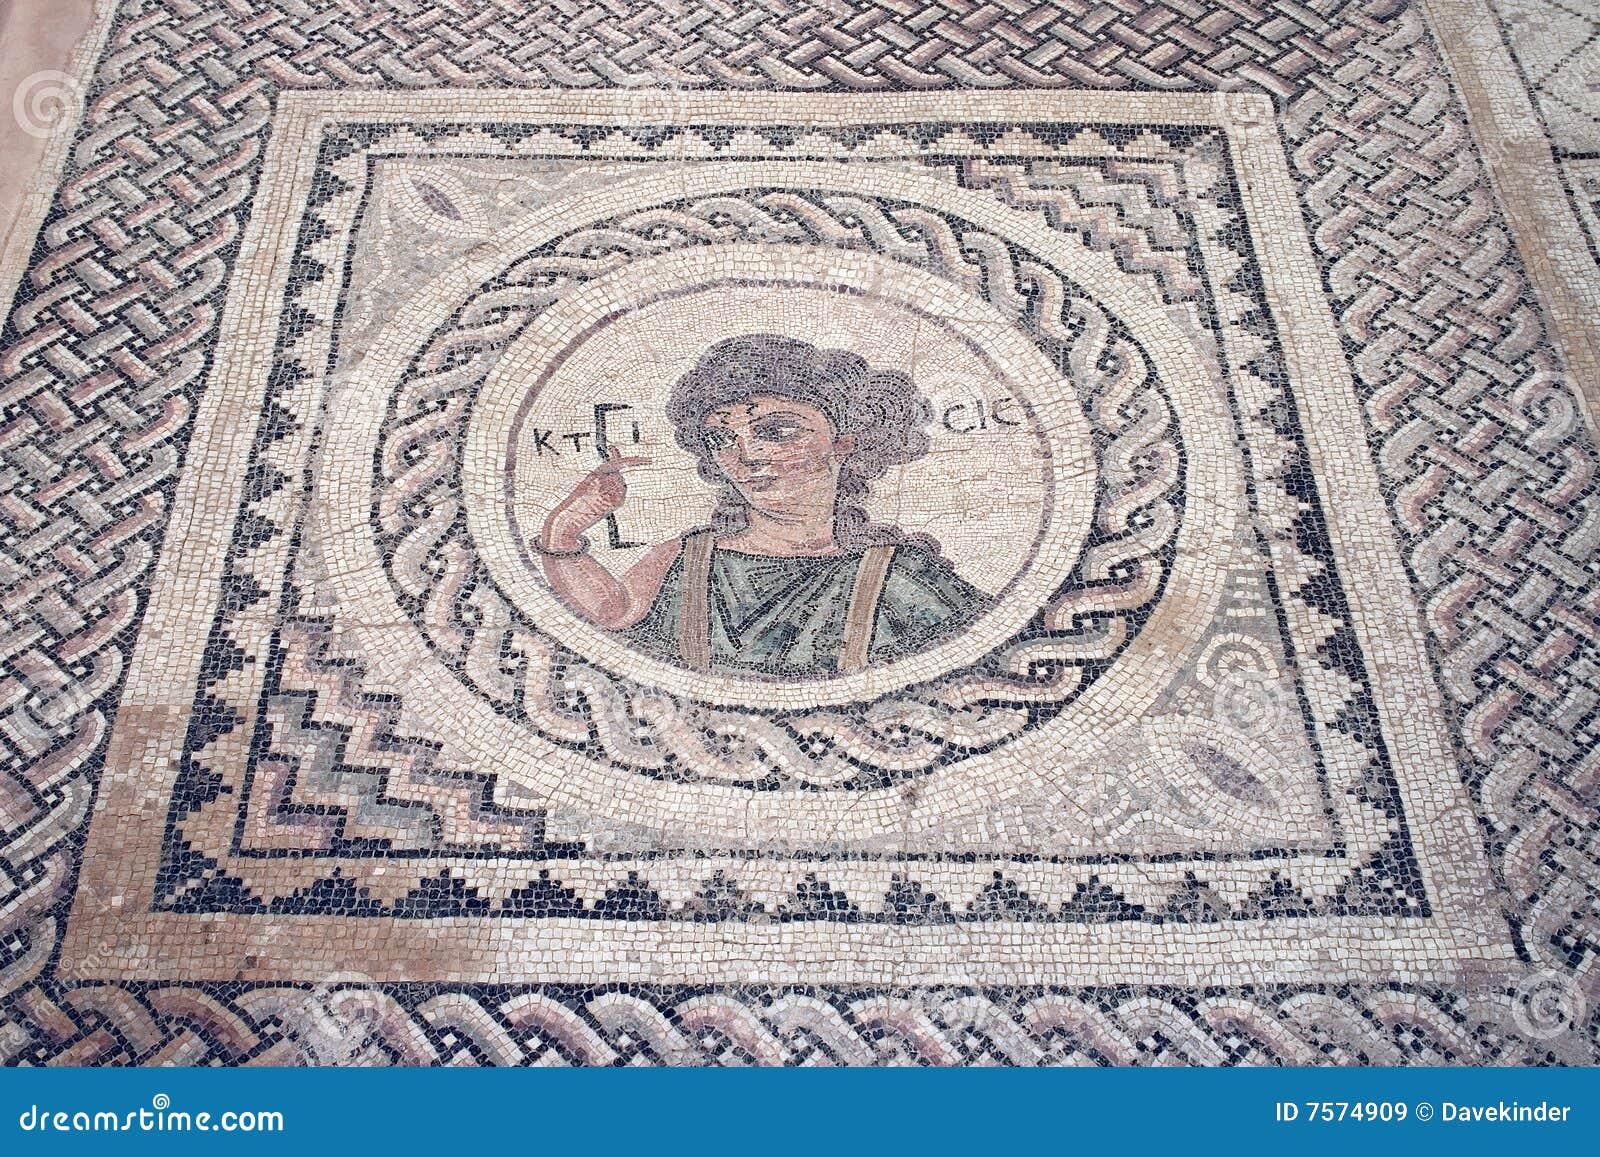 Estremamente Mosaico Ispirazioni Pavimento ~ Tutte le Immagini per la  EK83